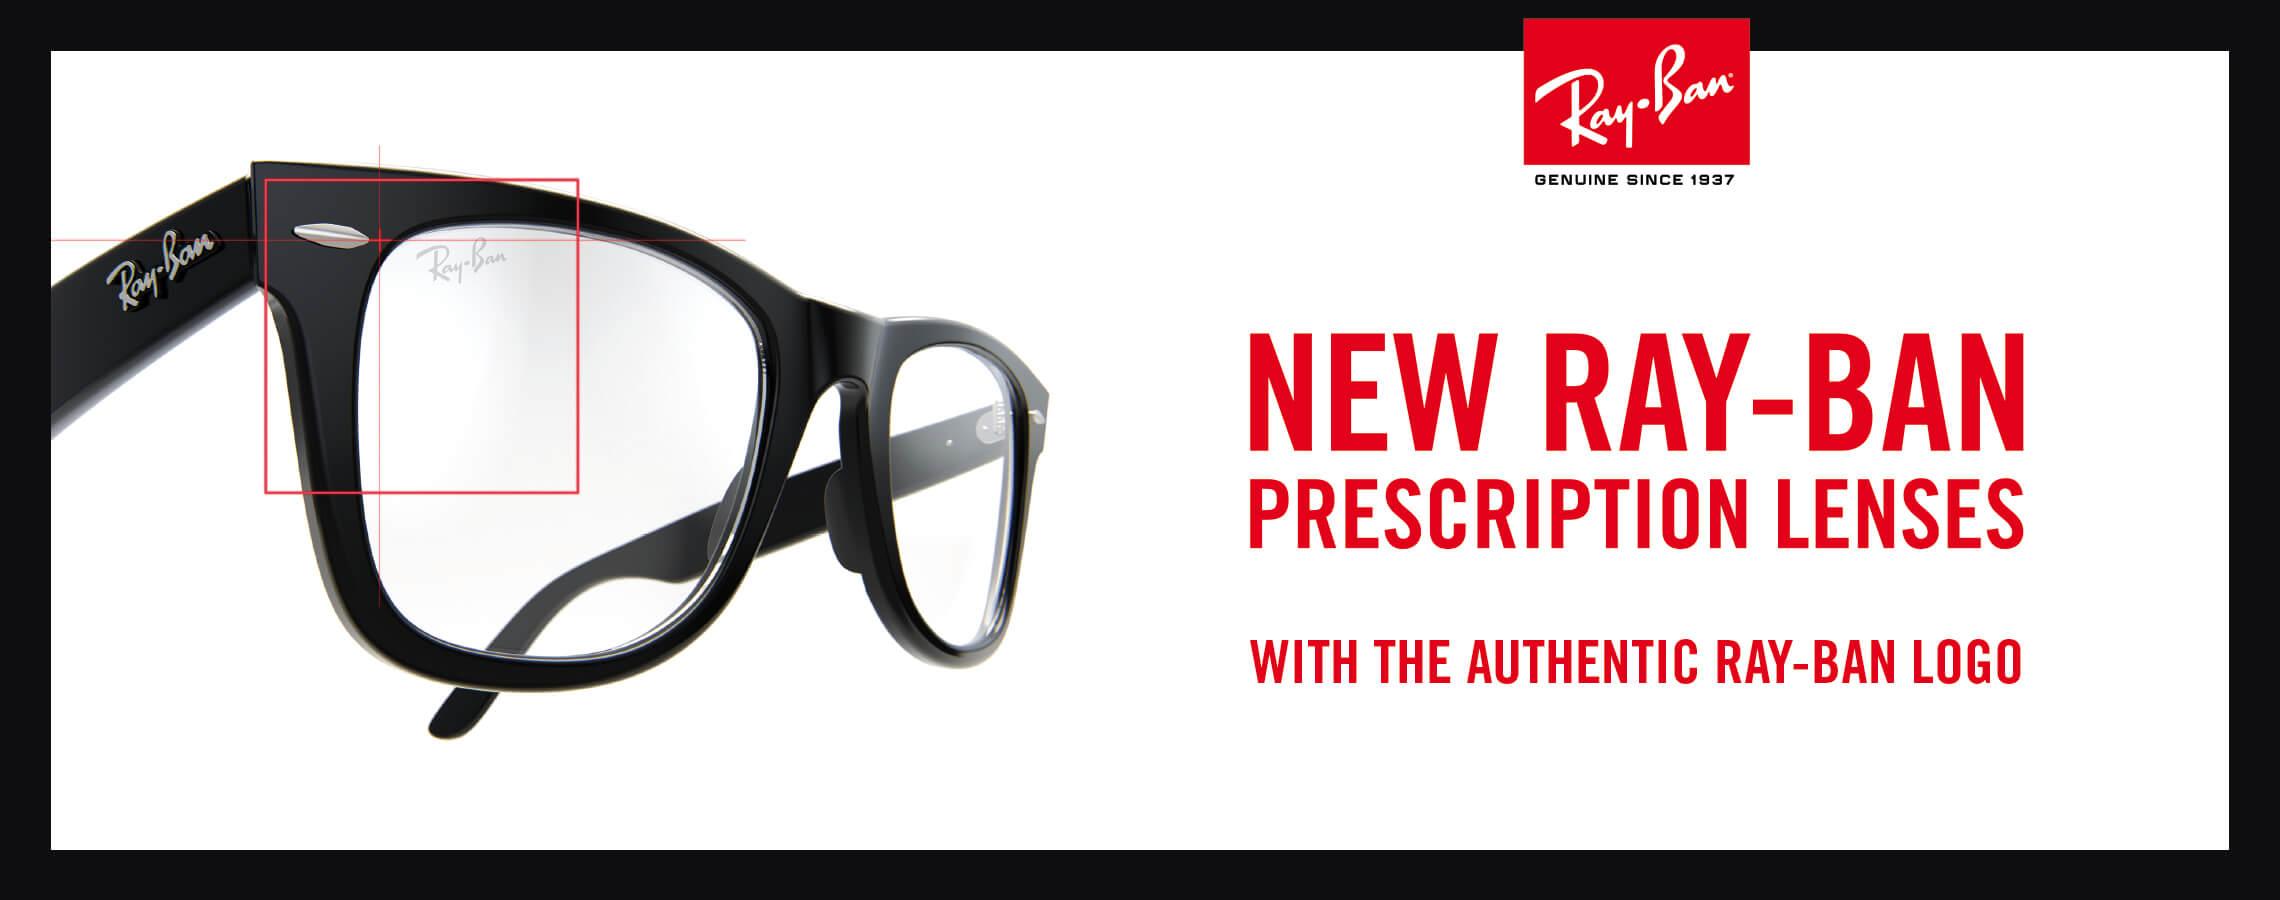 Authentic Ray-Ban Prescription Glasses